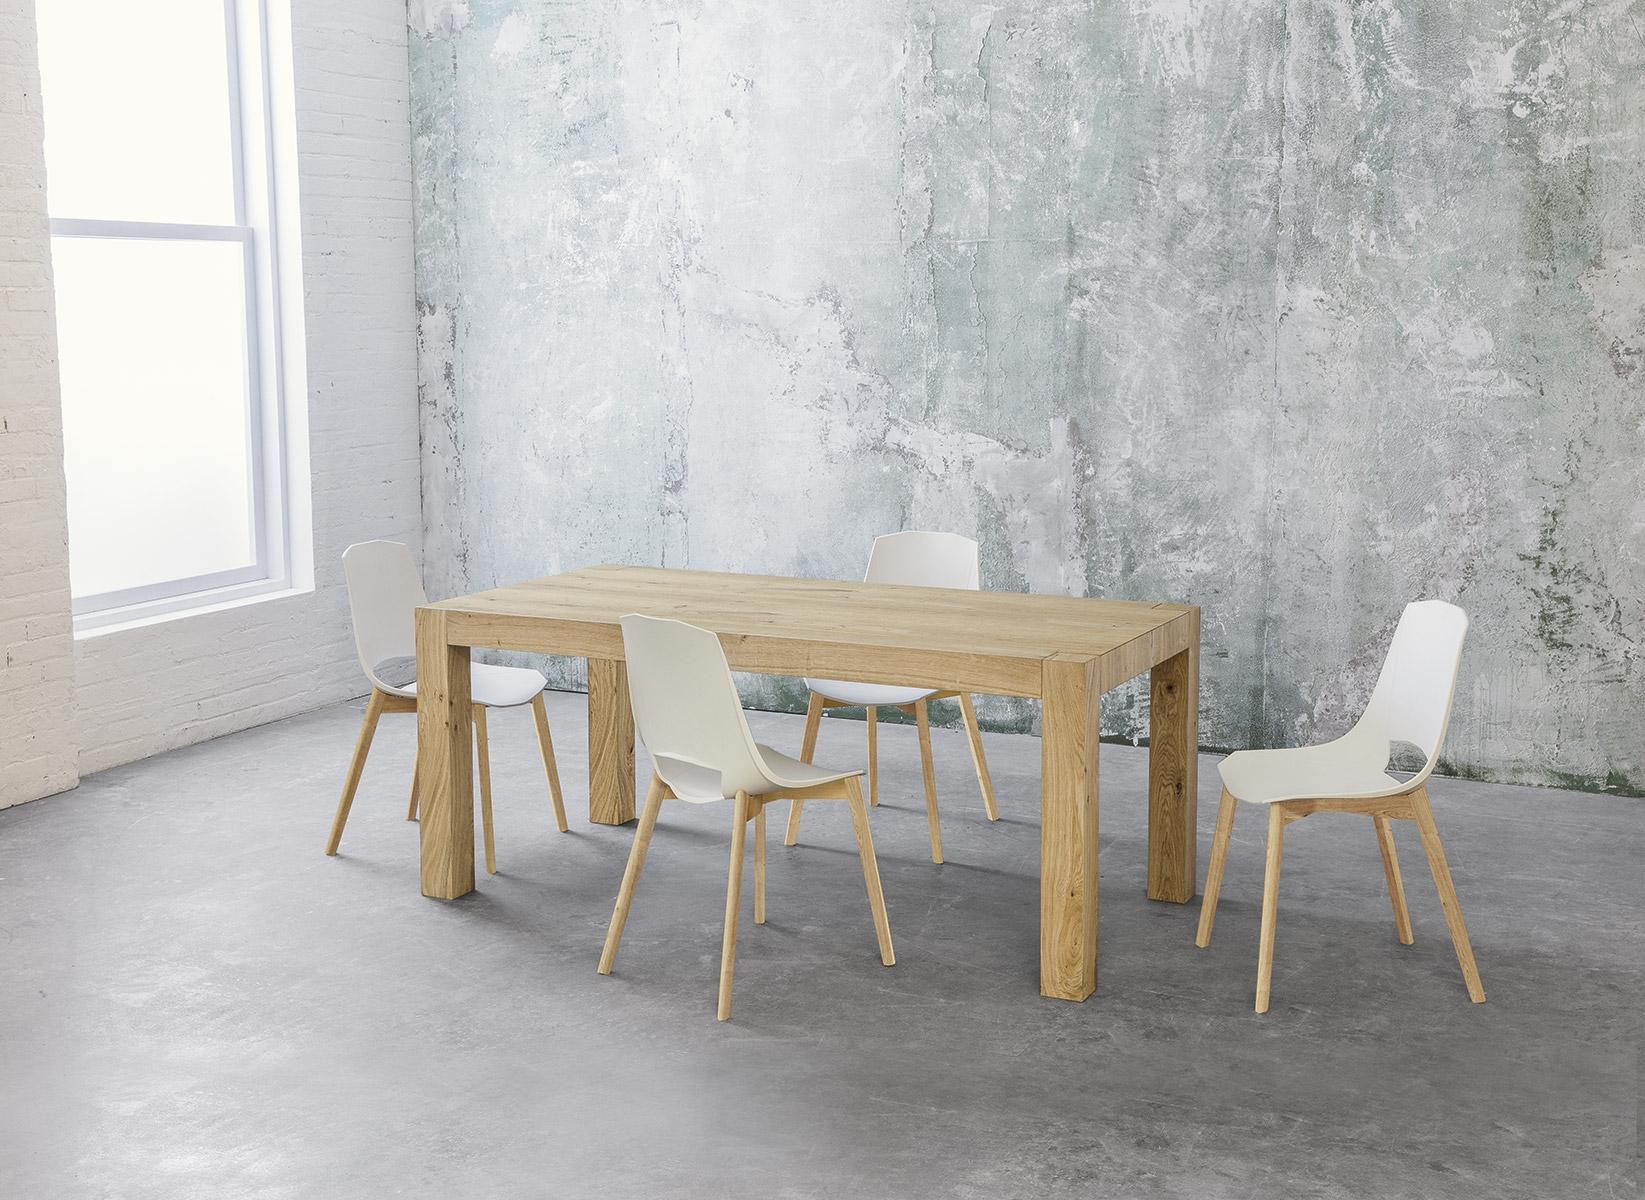 Tavolo allungabile point house tola 180 in legno di rovere for Tavolo allungabile legno rovere